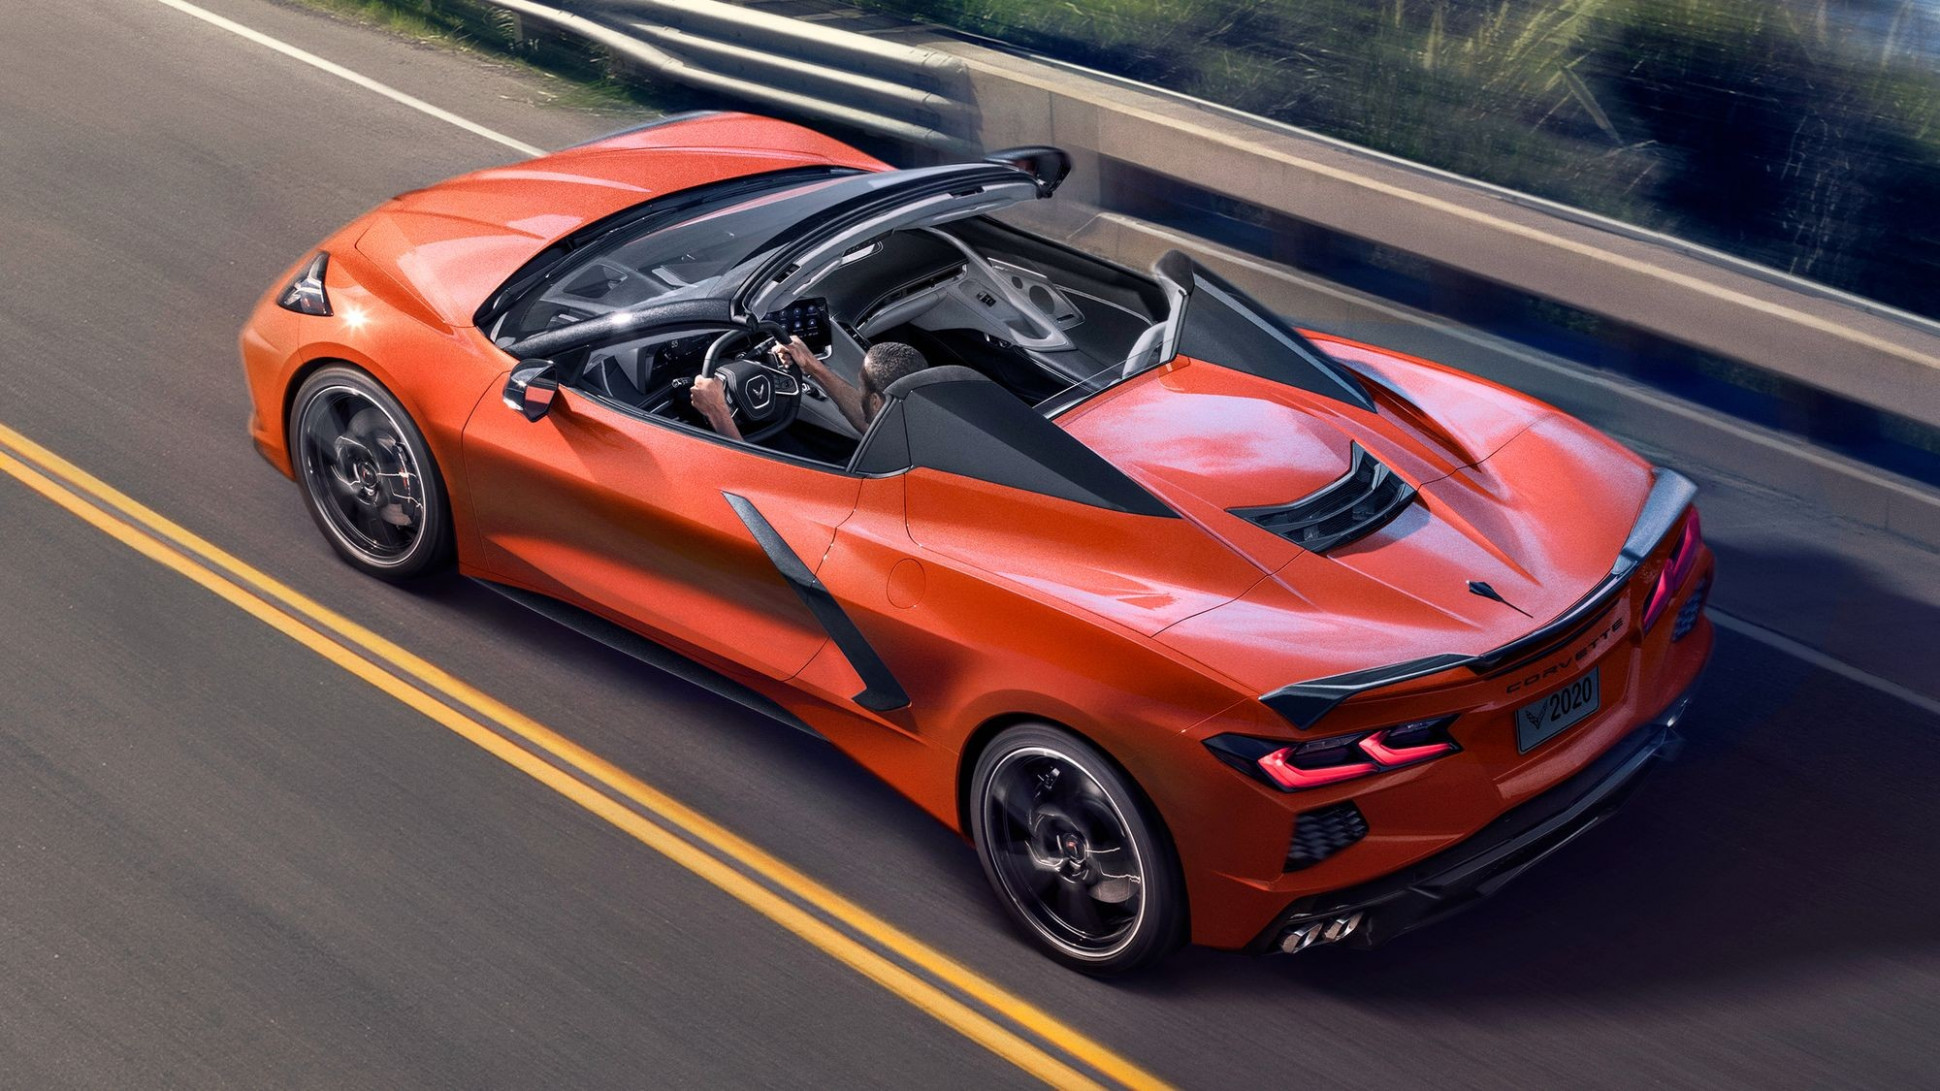 Images Chevrolet Corvette Zr1 2022